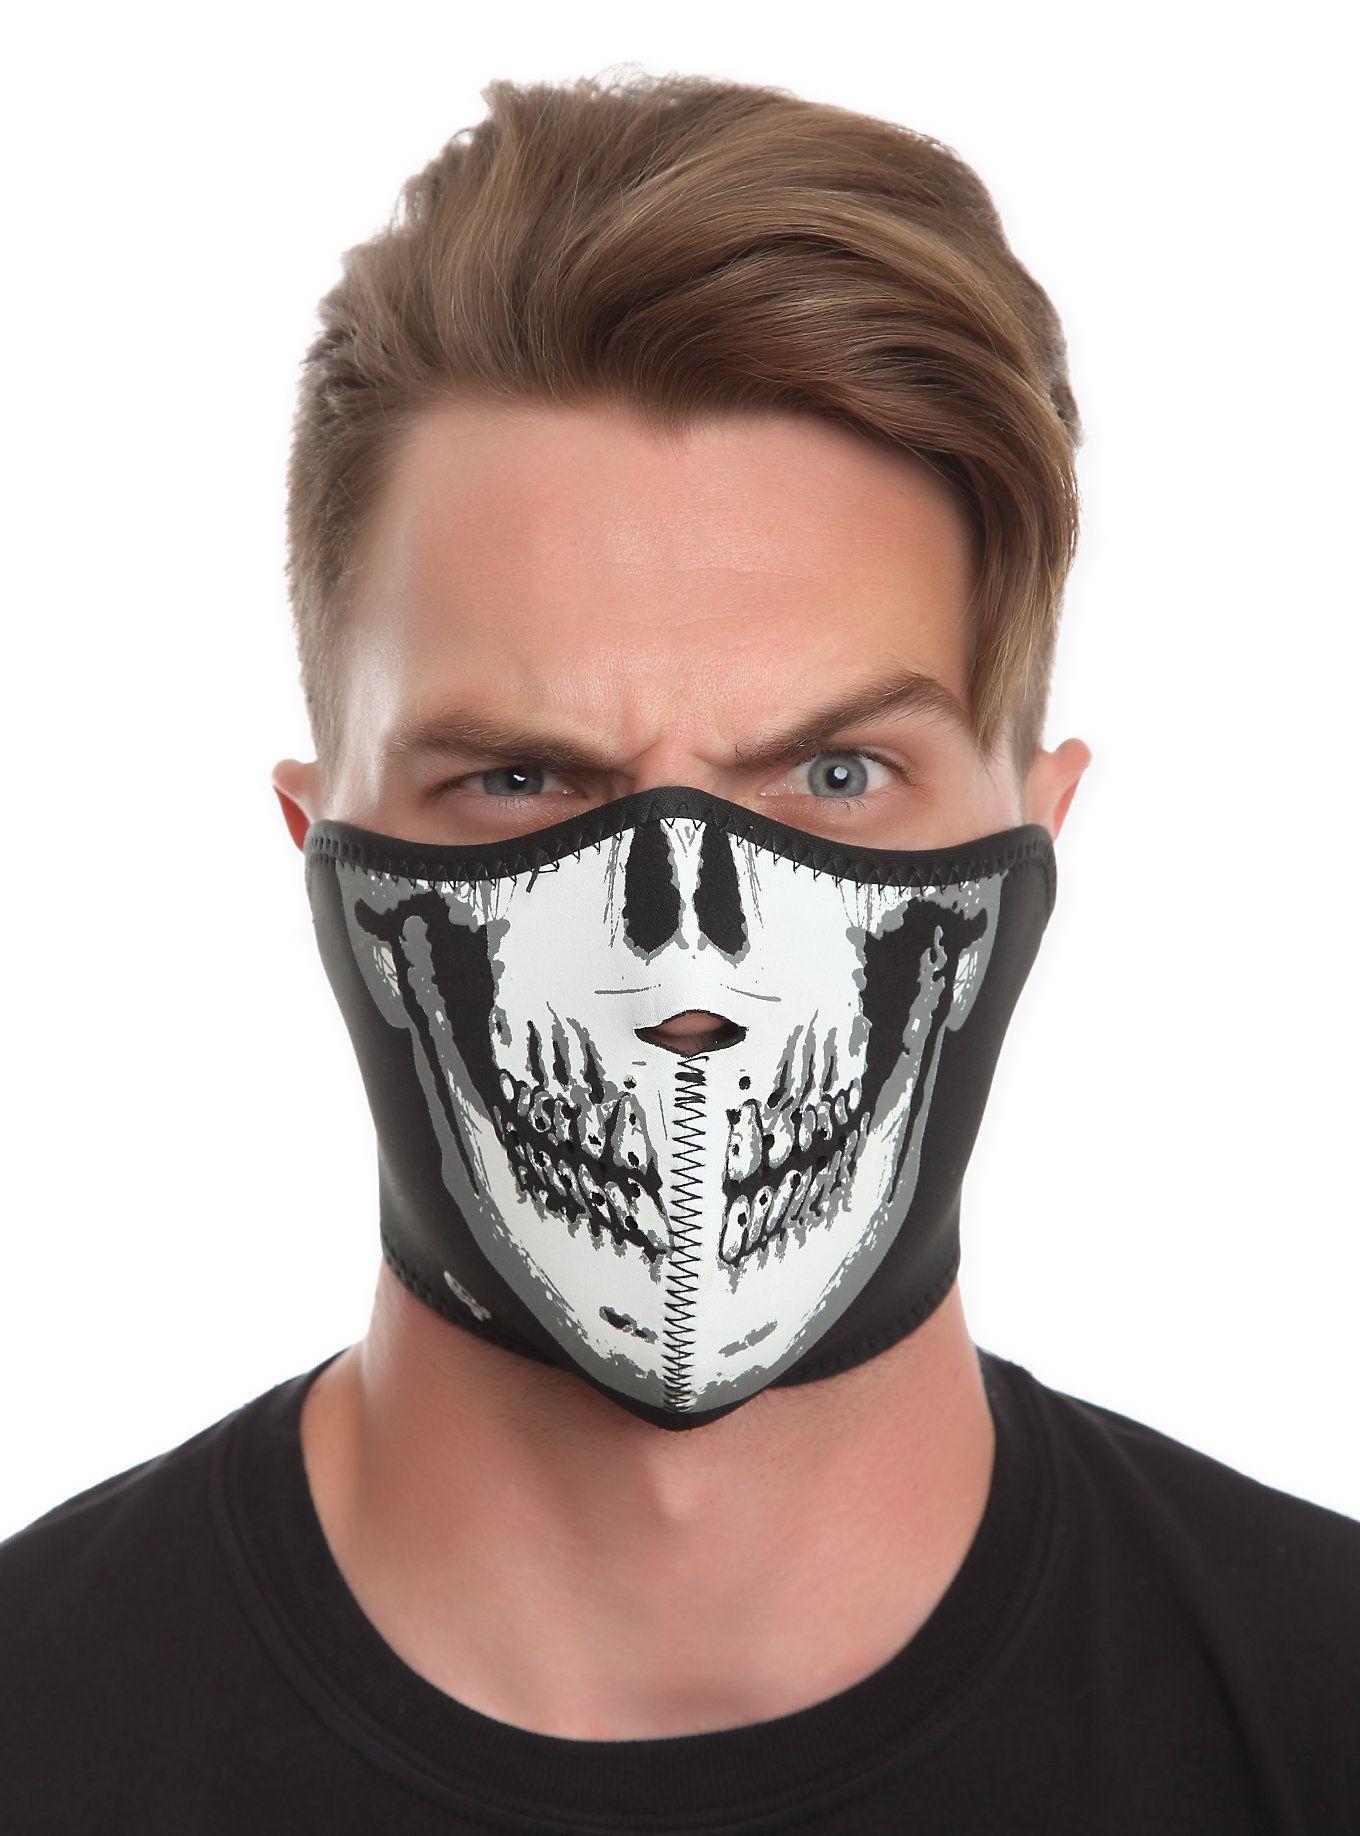 Skull Glow-In-The-Dark Neoprene Half Face Mask | Hot Topic | Quick ...